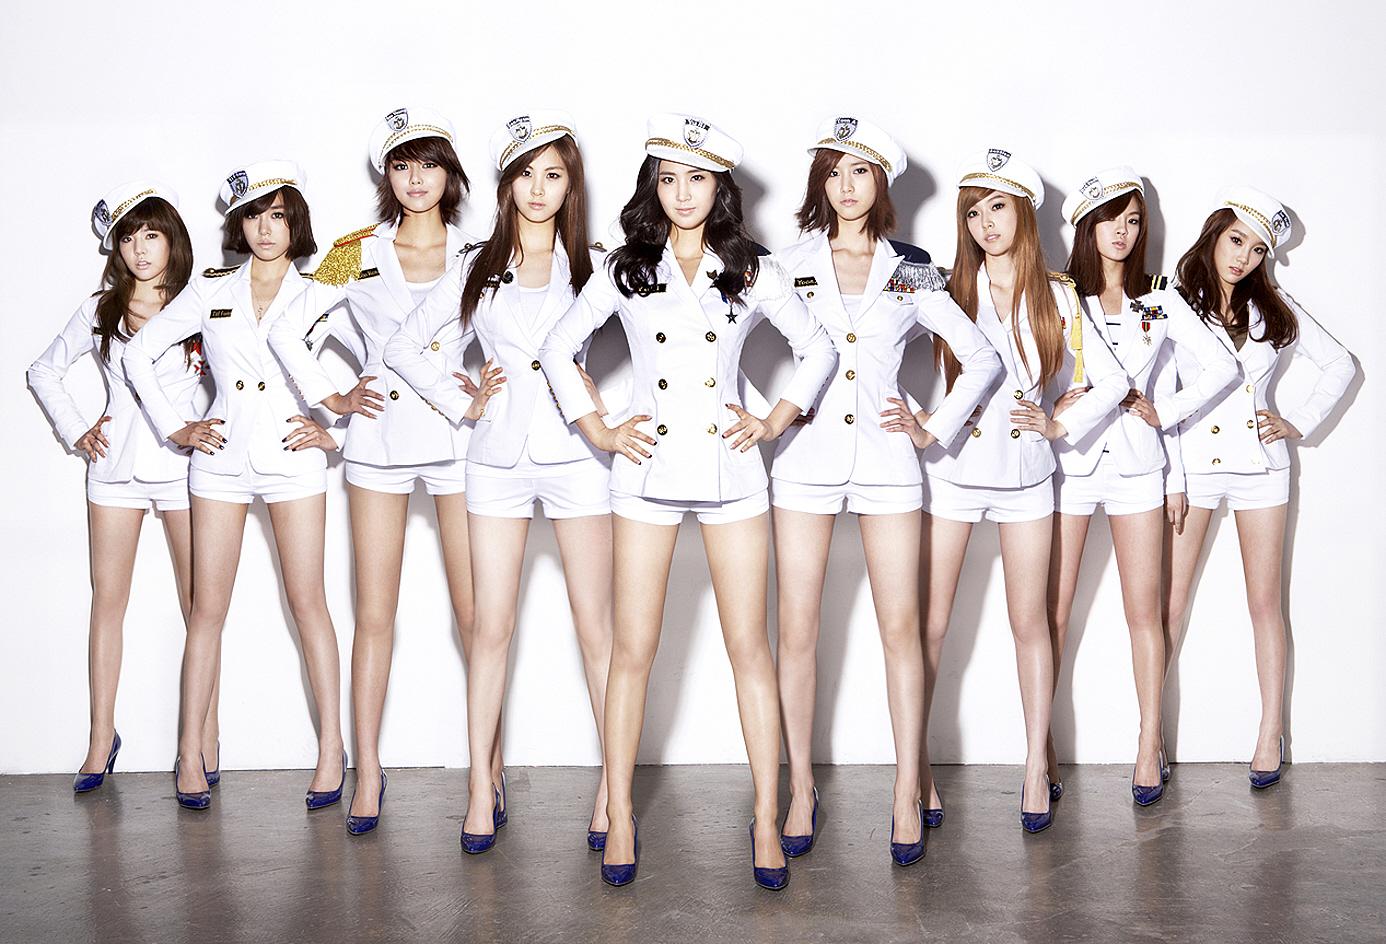 snsd 9 girl